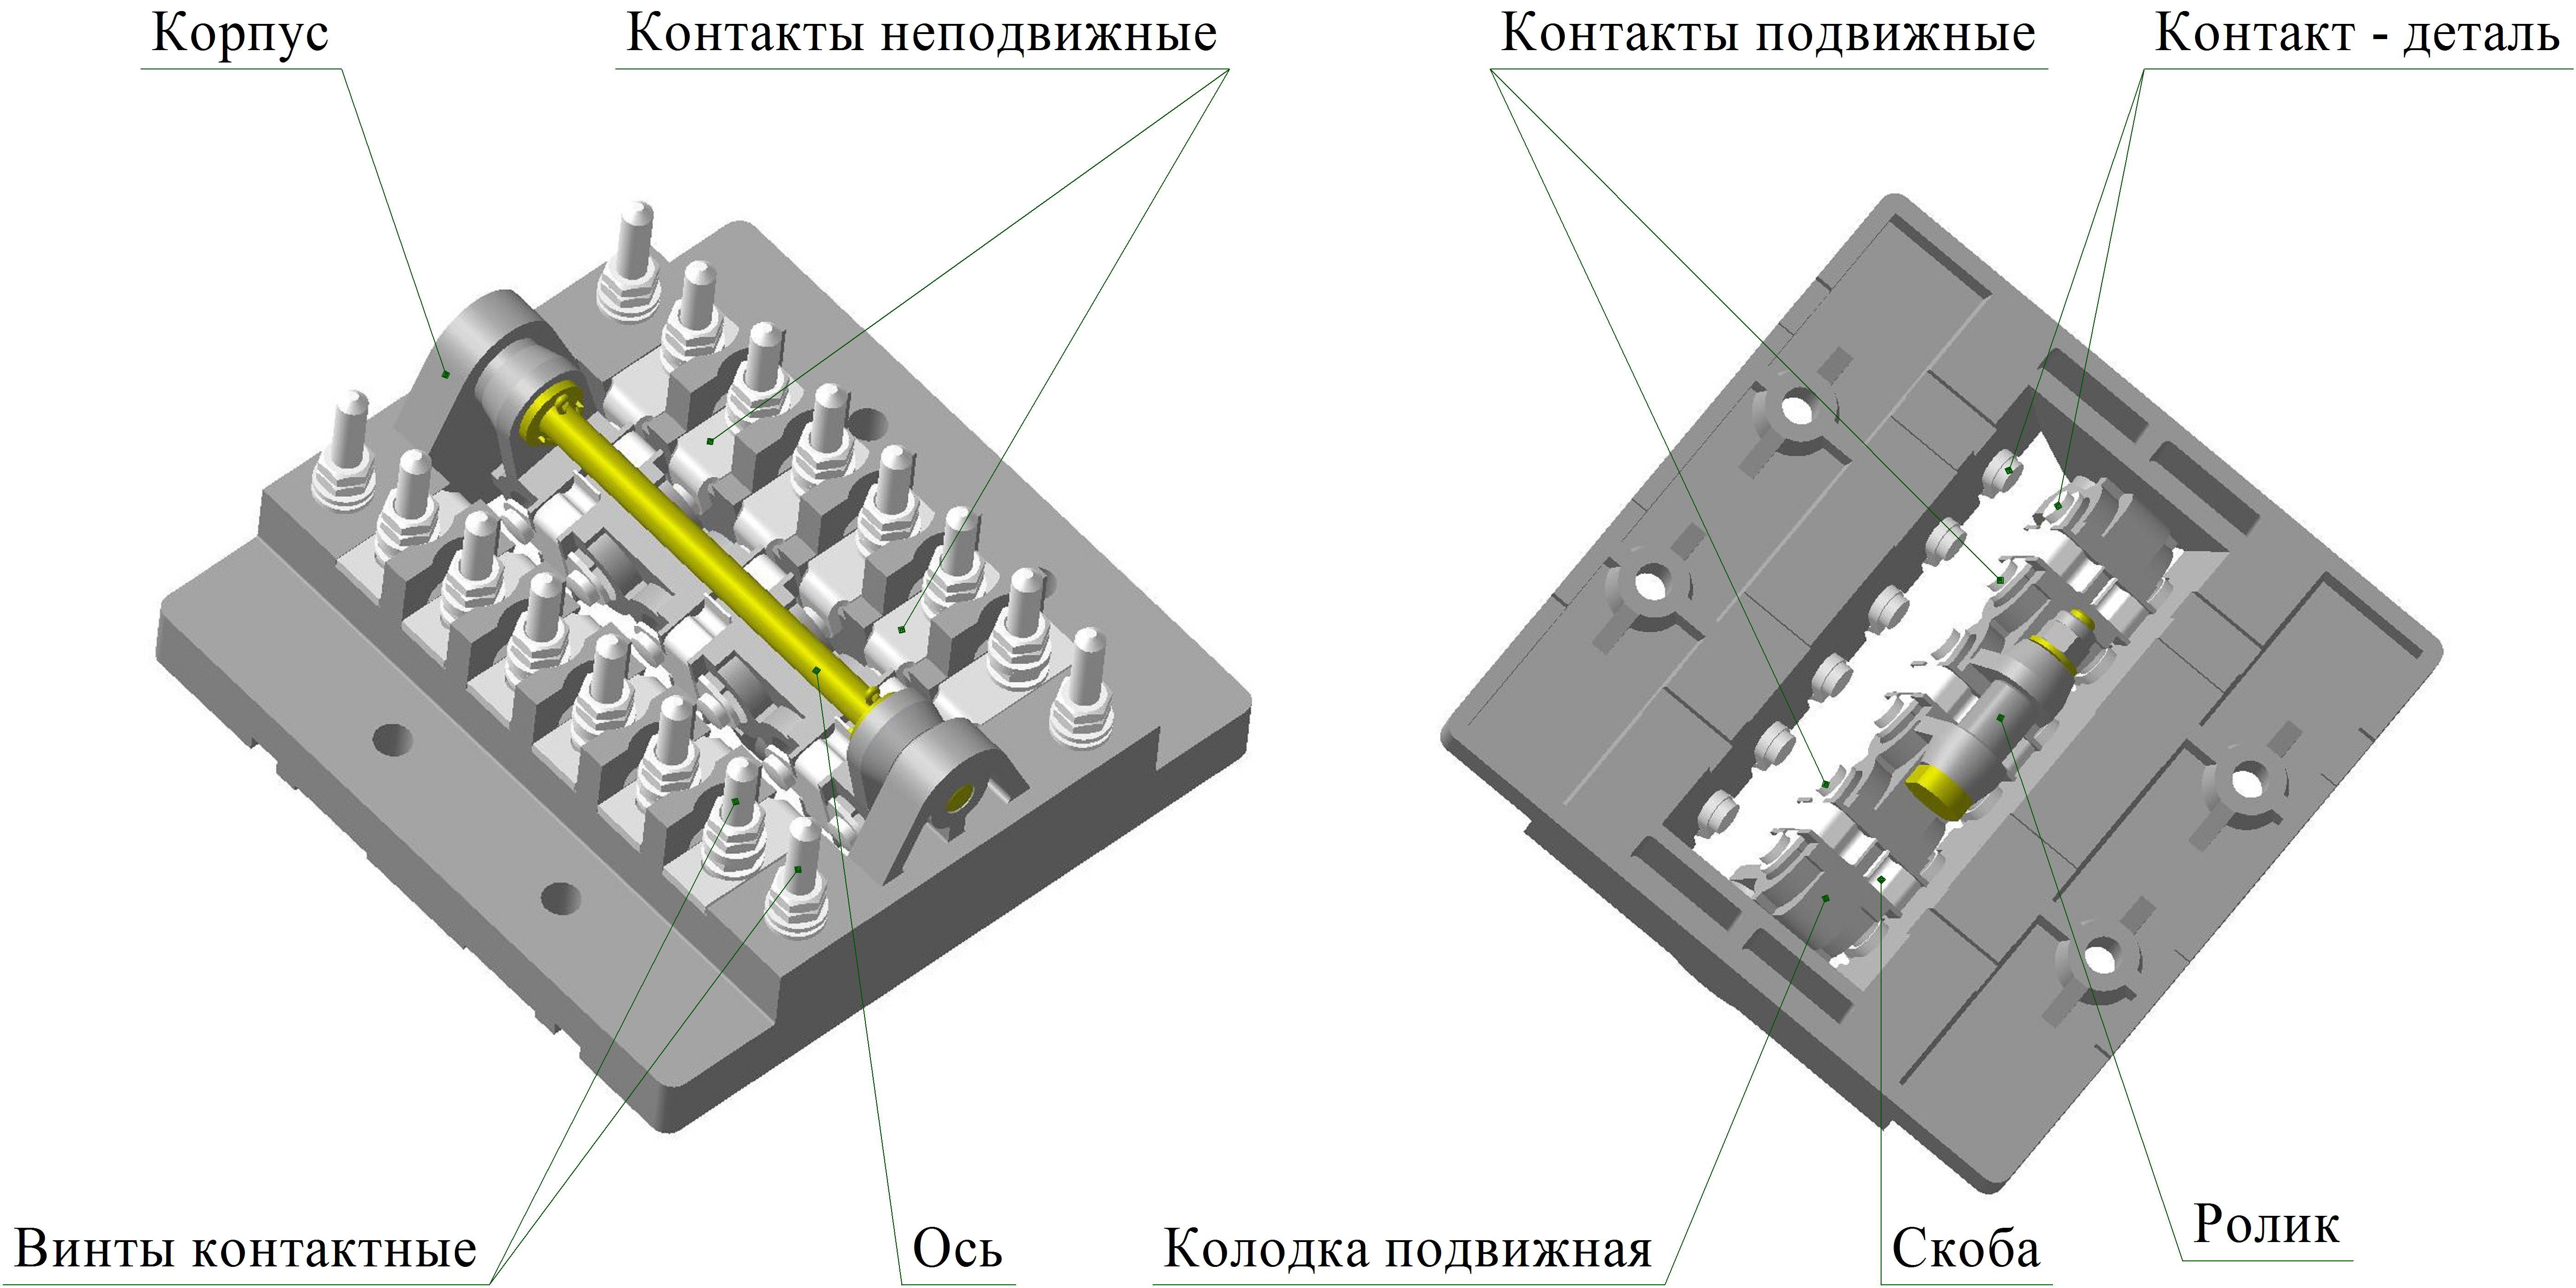 Контактор модульного типа для автопереключателя электроприводов стрелочных серии СП - устройство